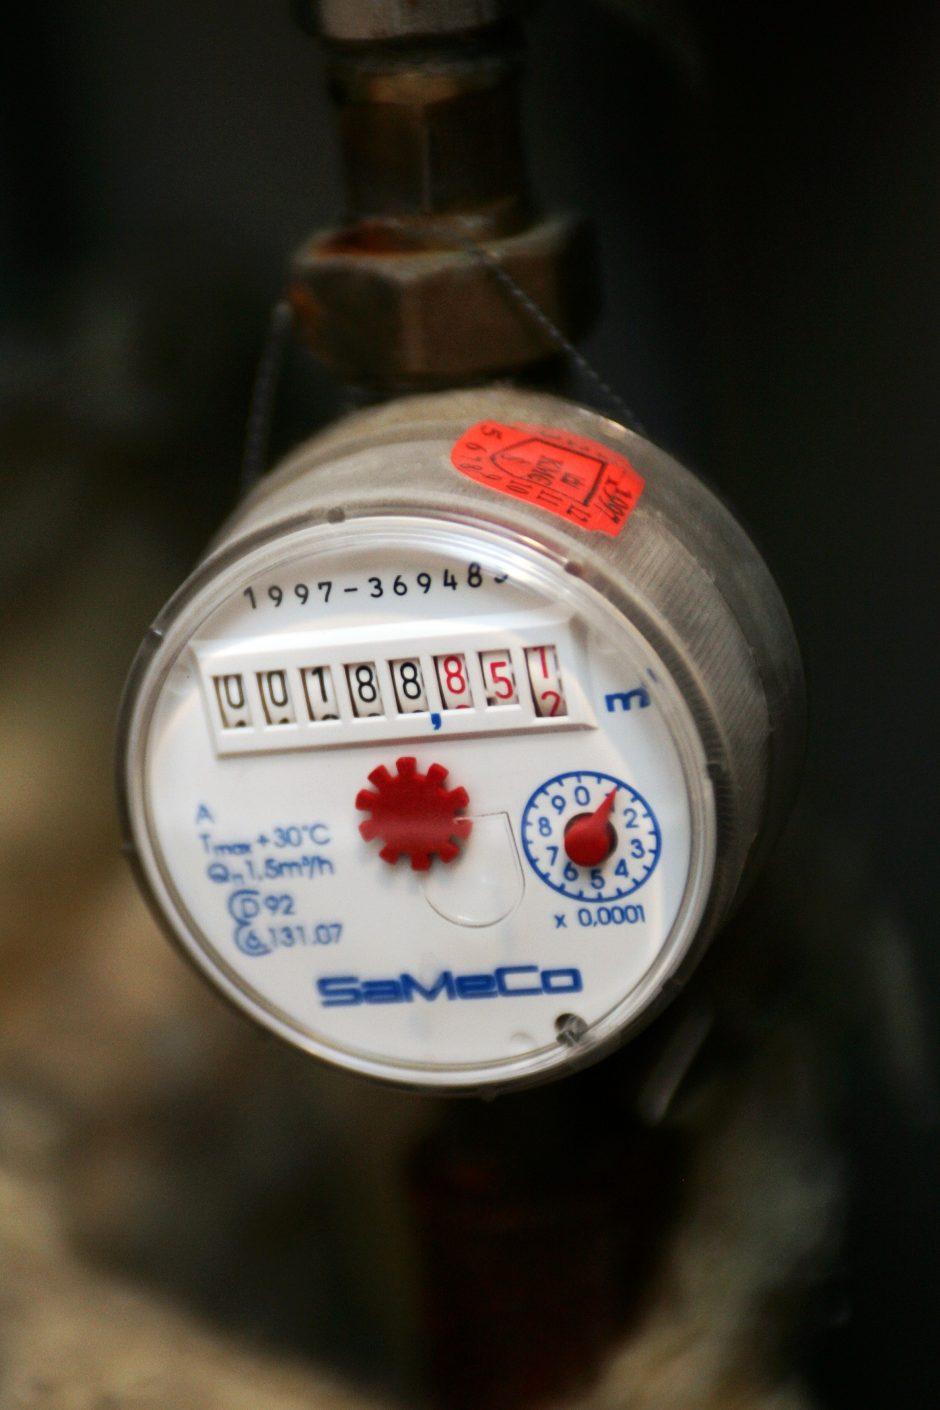 Vilniuje mažės karšto vandens skaitiklio aptarnavimo mokestis